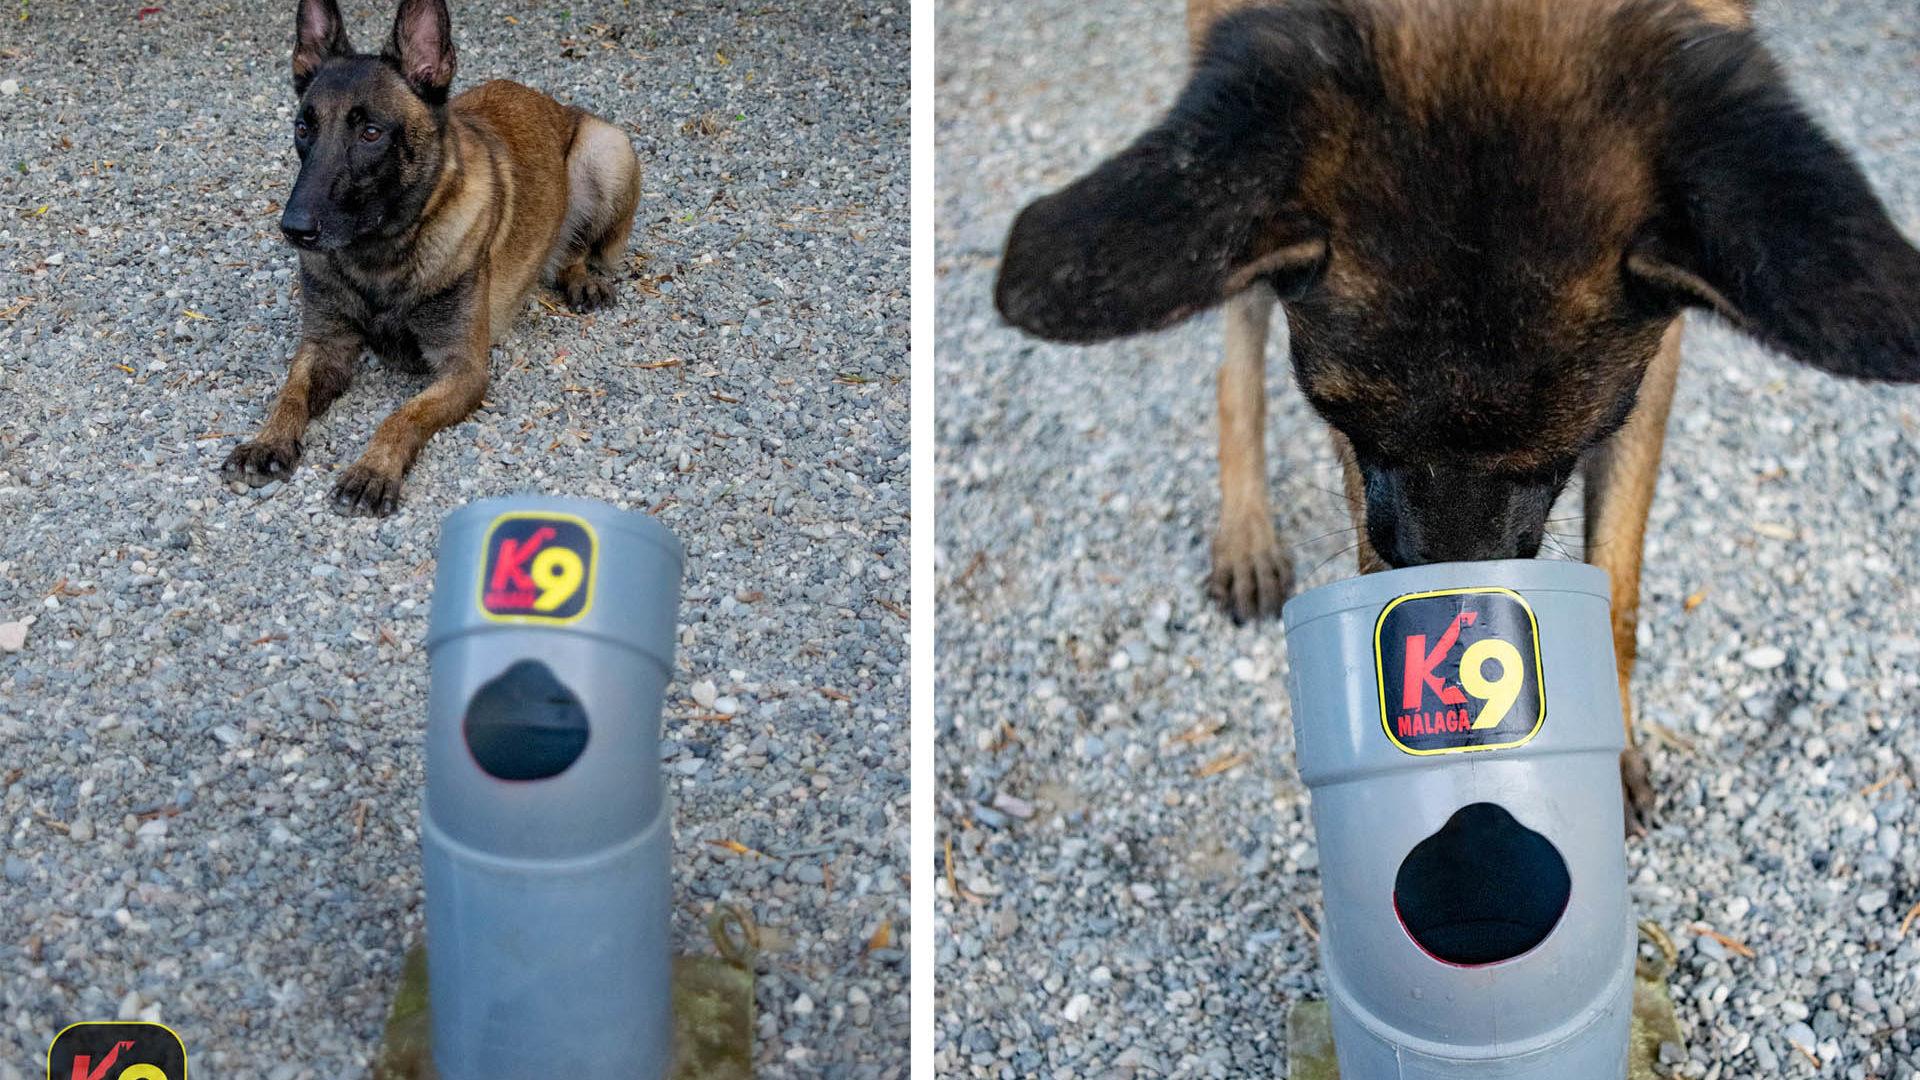 2020-08-13-K9-malaga-WTMK-deteccion-disciplina-deportiva-canina